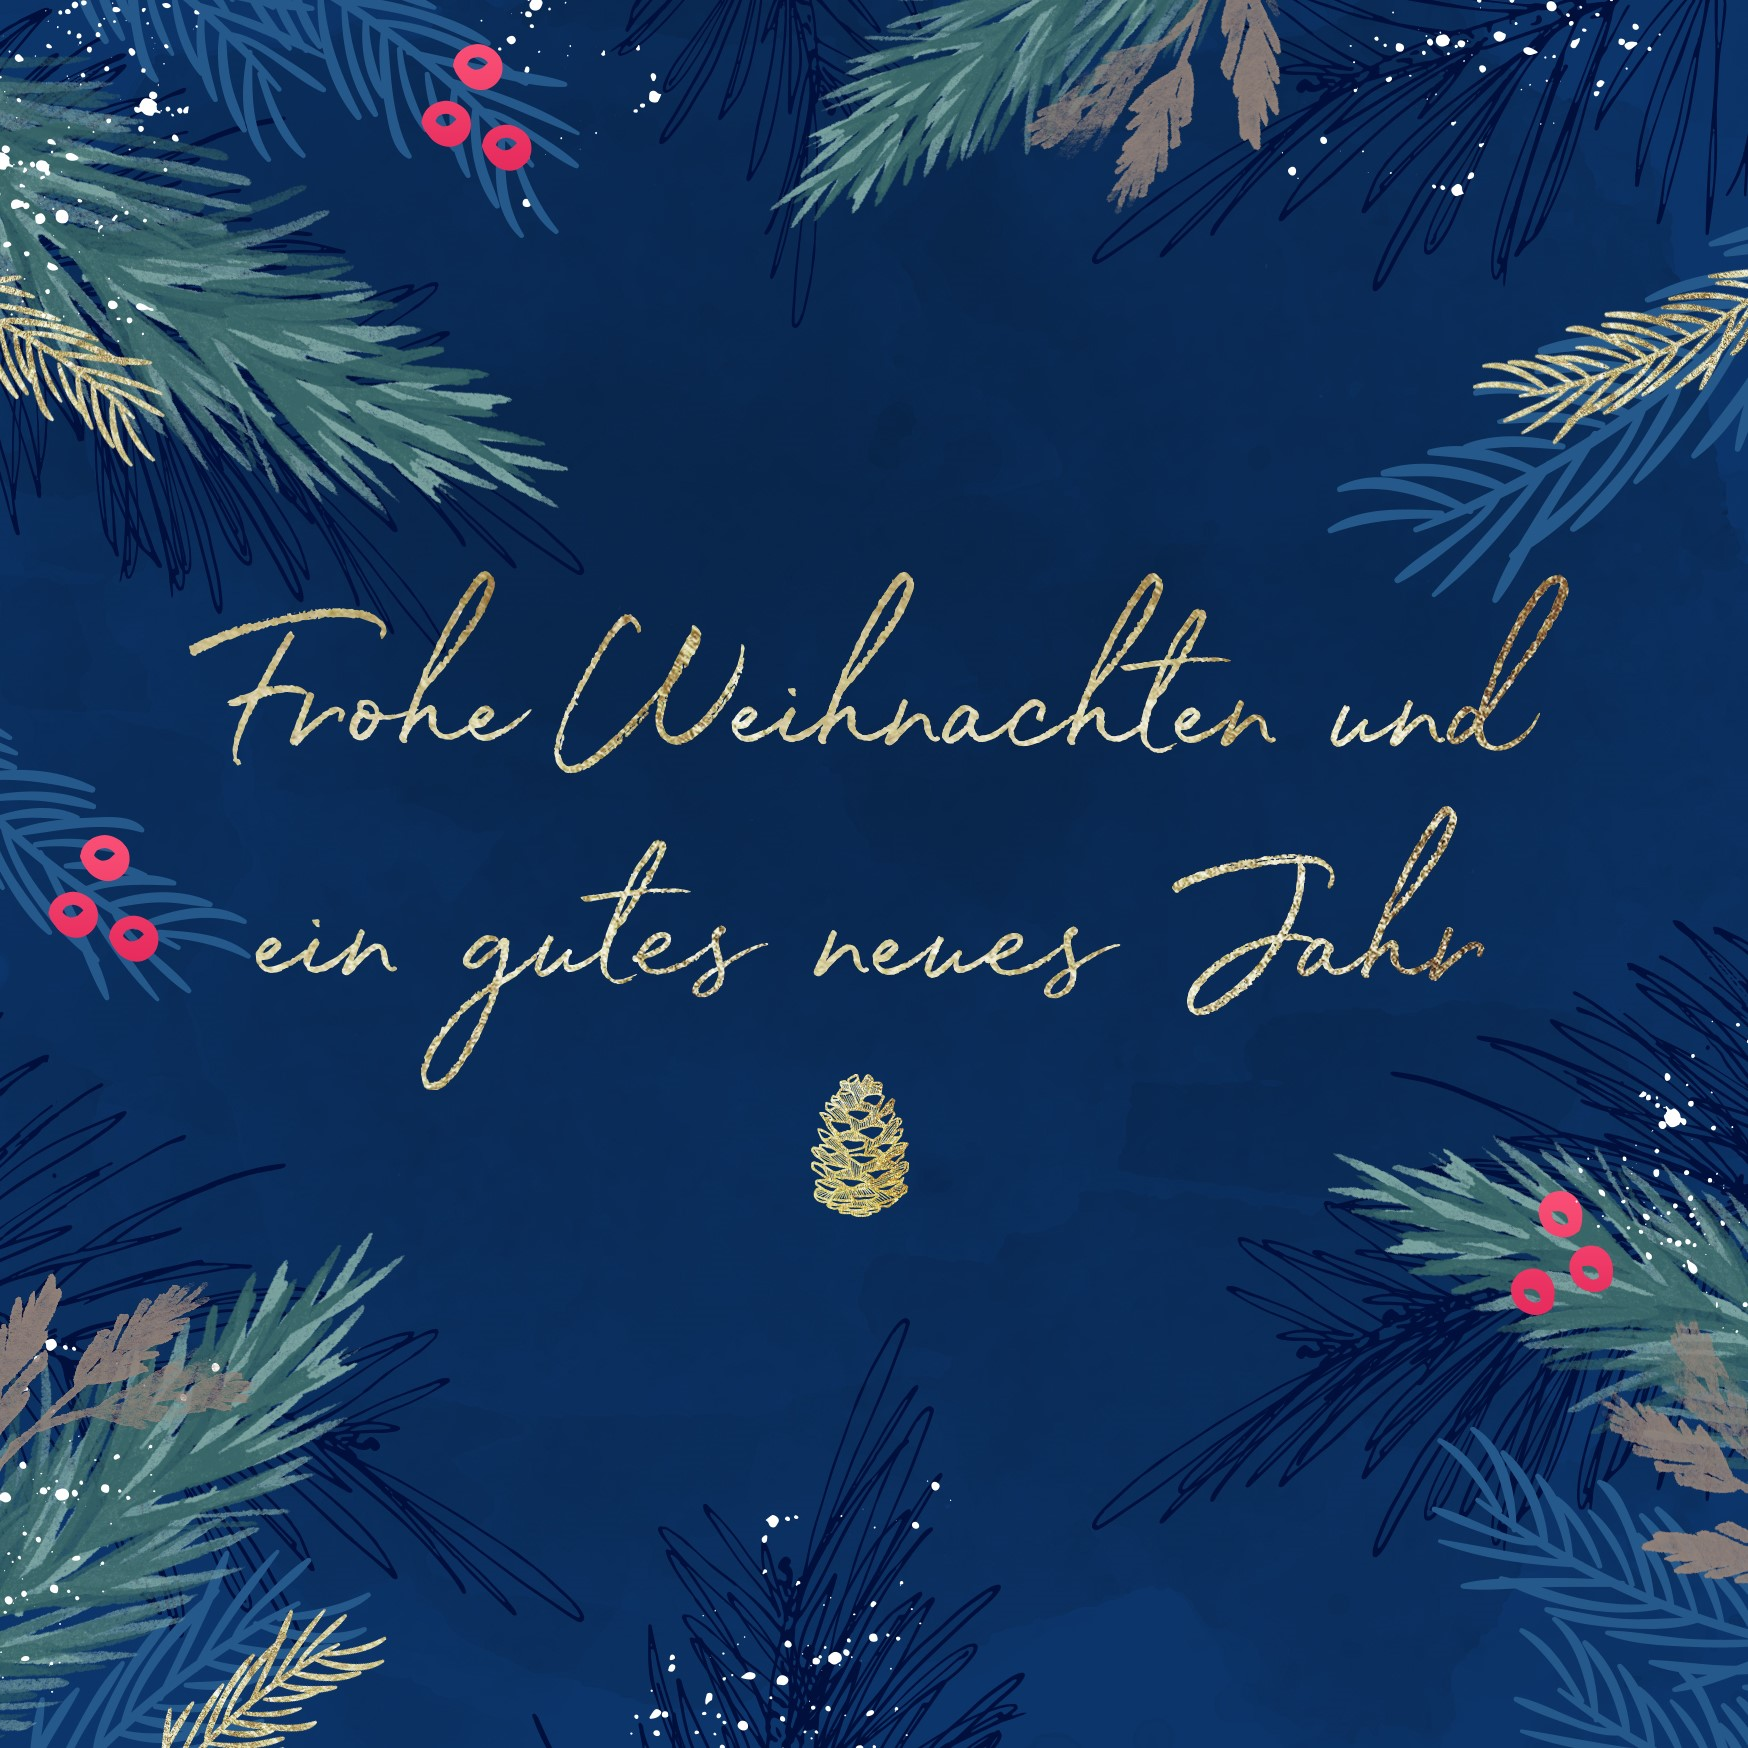 Weihnachten 2018.jpg